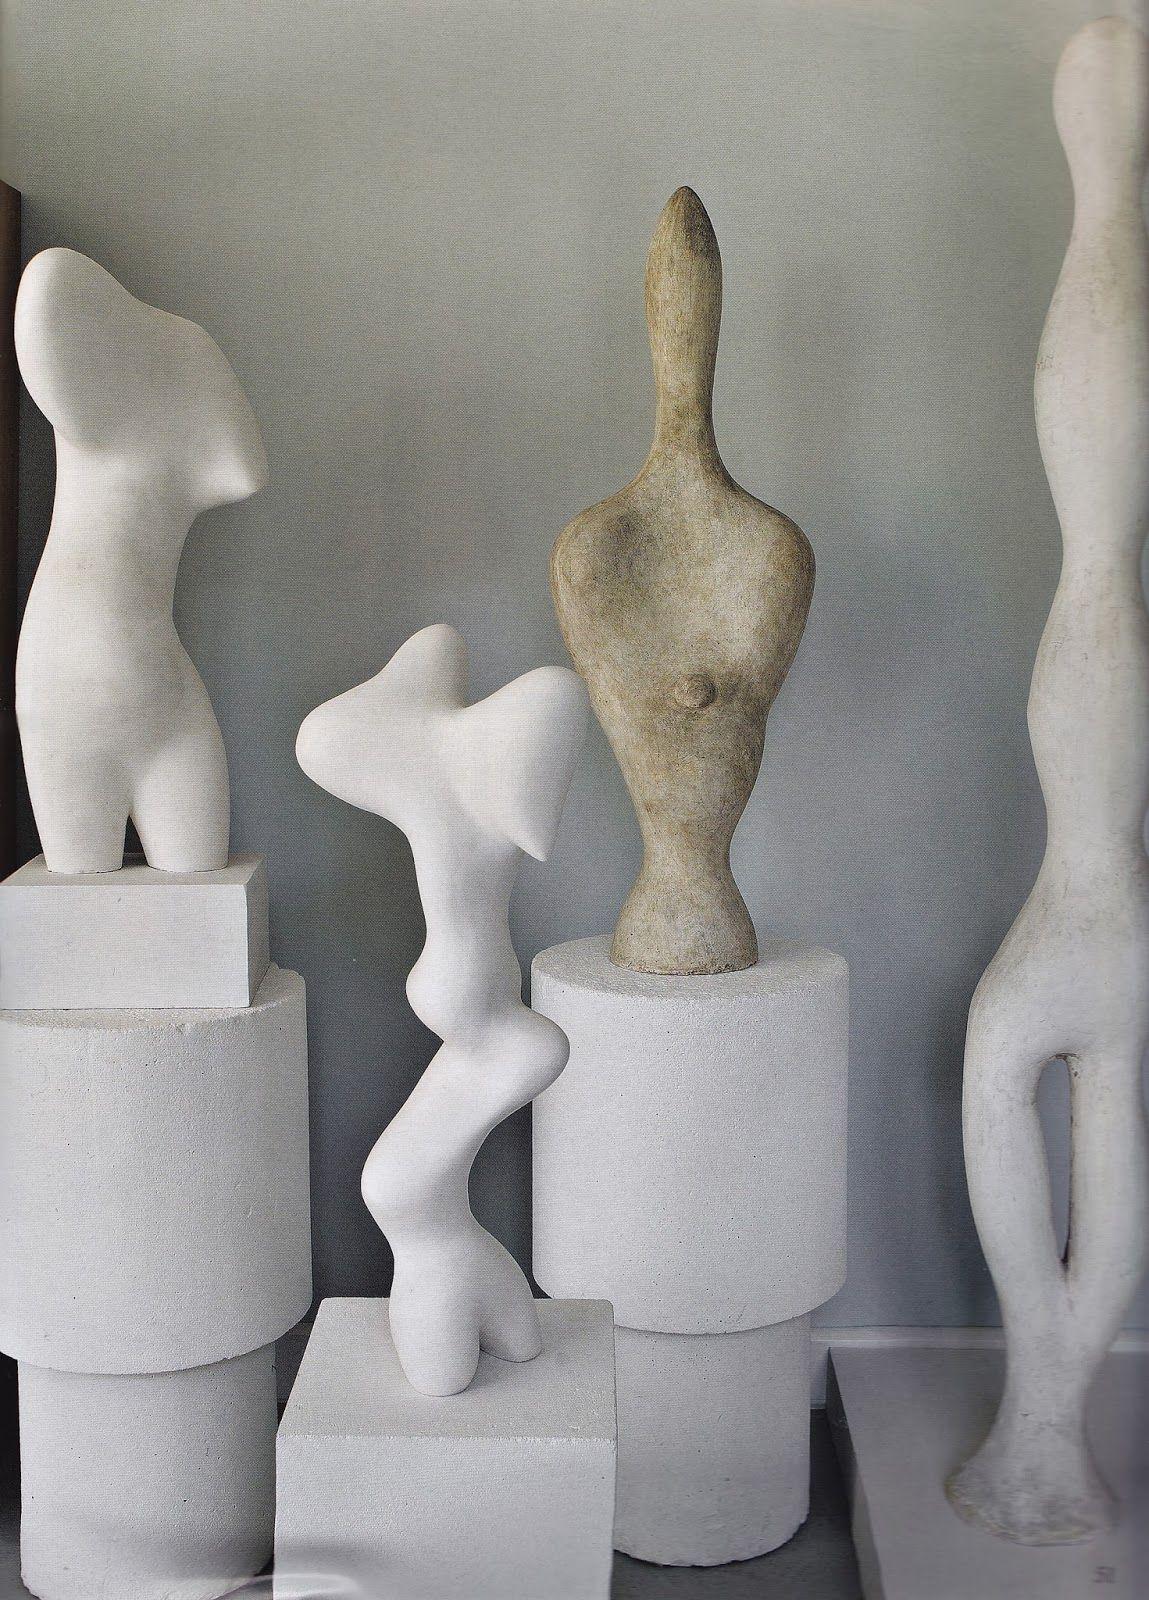 Sculpteur Peintre Et Poete Francais the home painter sophie taeuber created for her companion